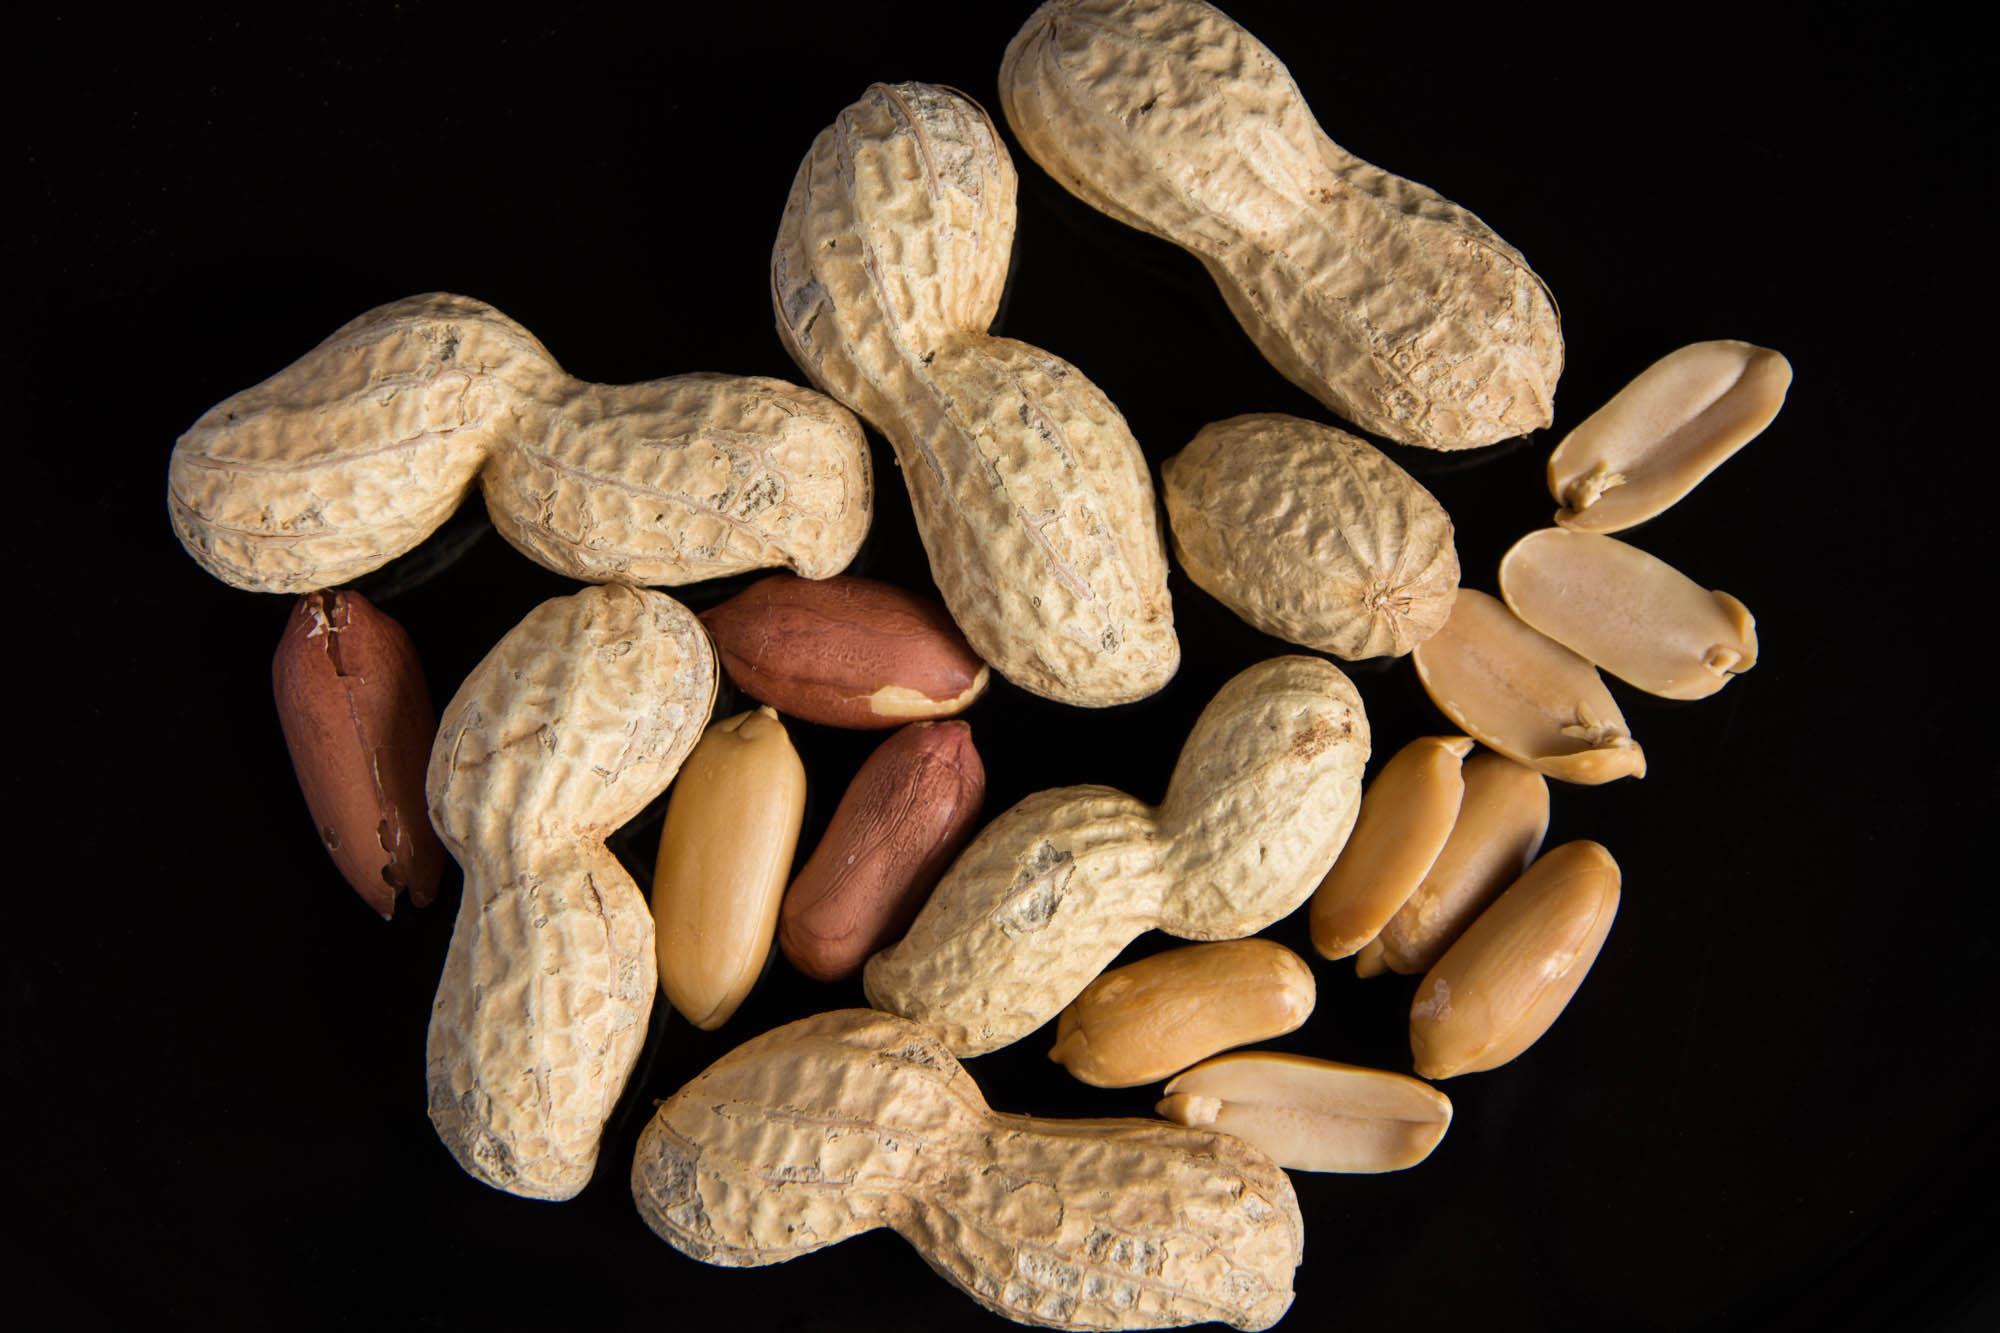 Les cacahuètes